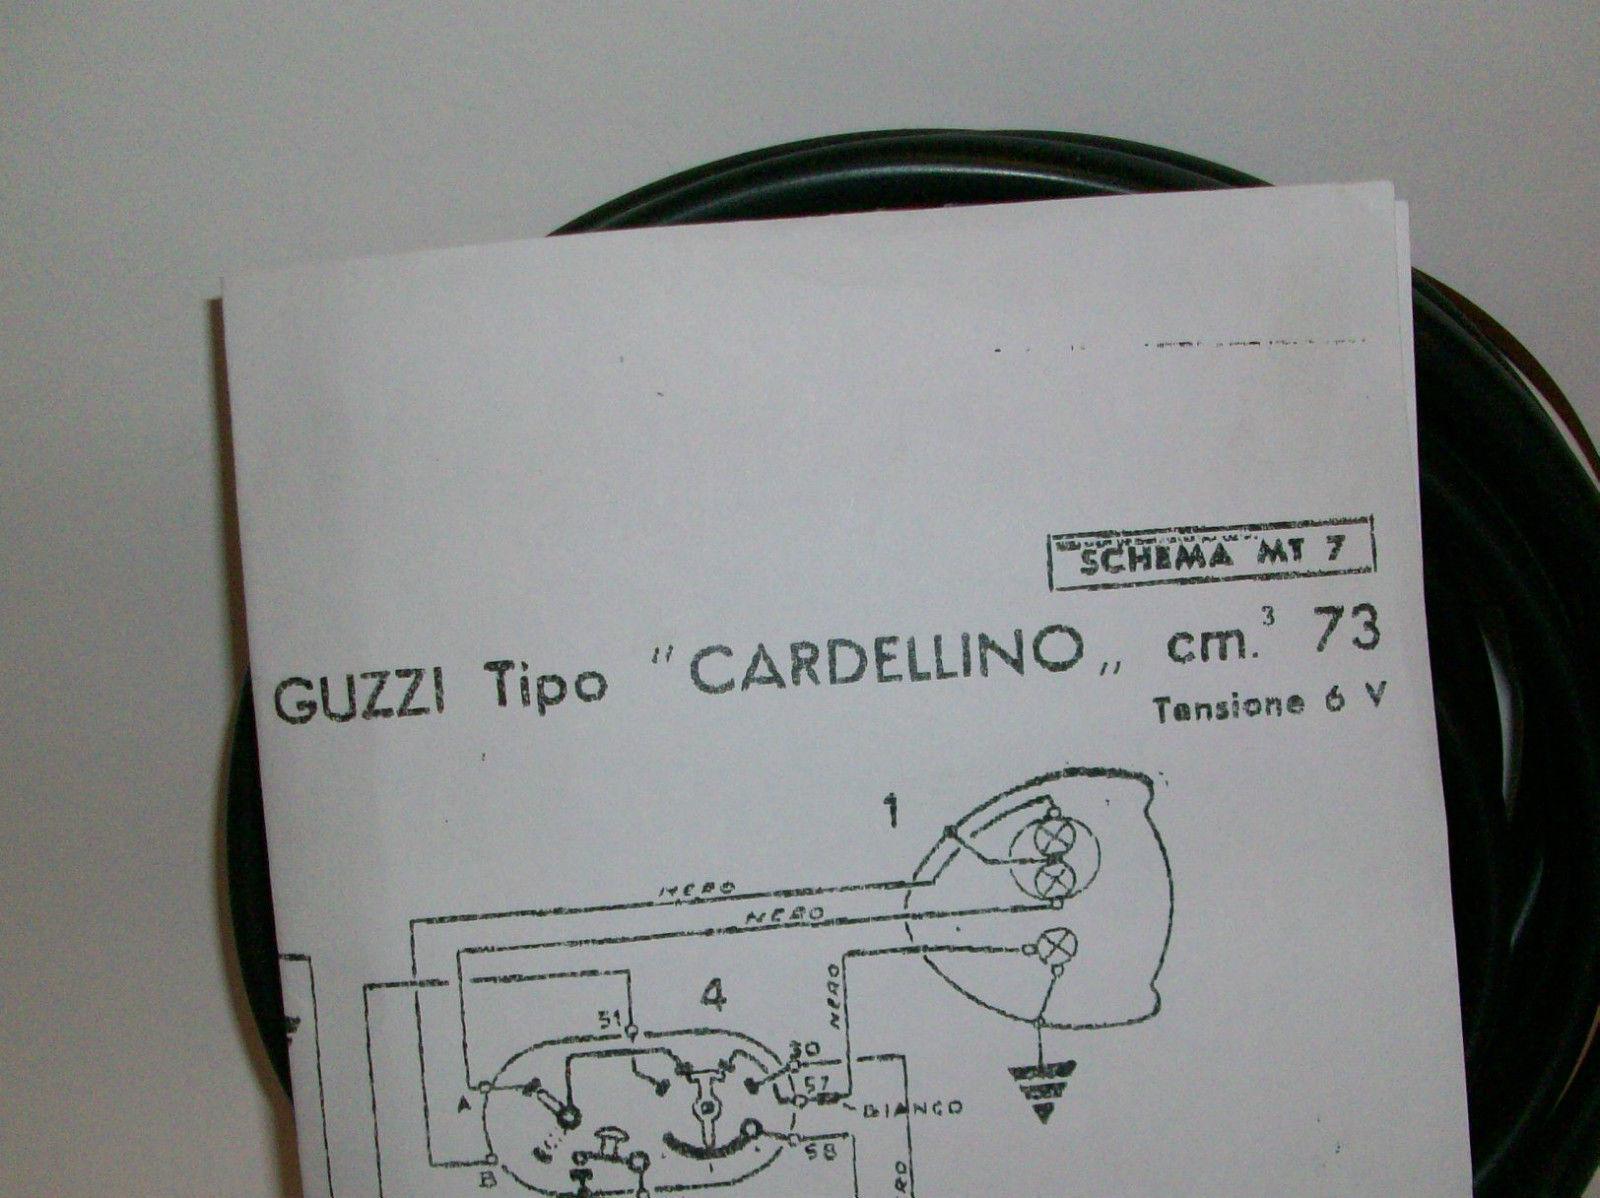 Schema Elettrico Wiring Diagram : Prodotto im impianto elettrico moto guzzi cardellino